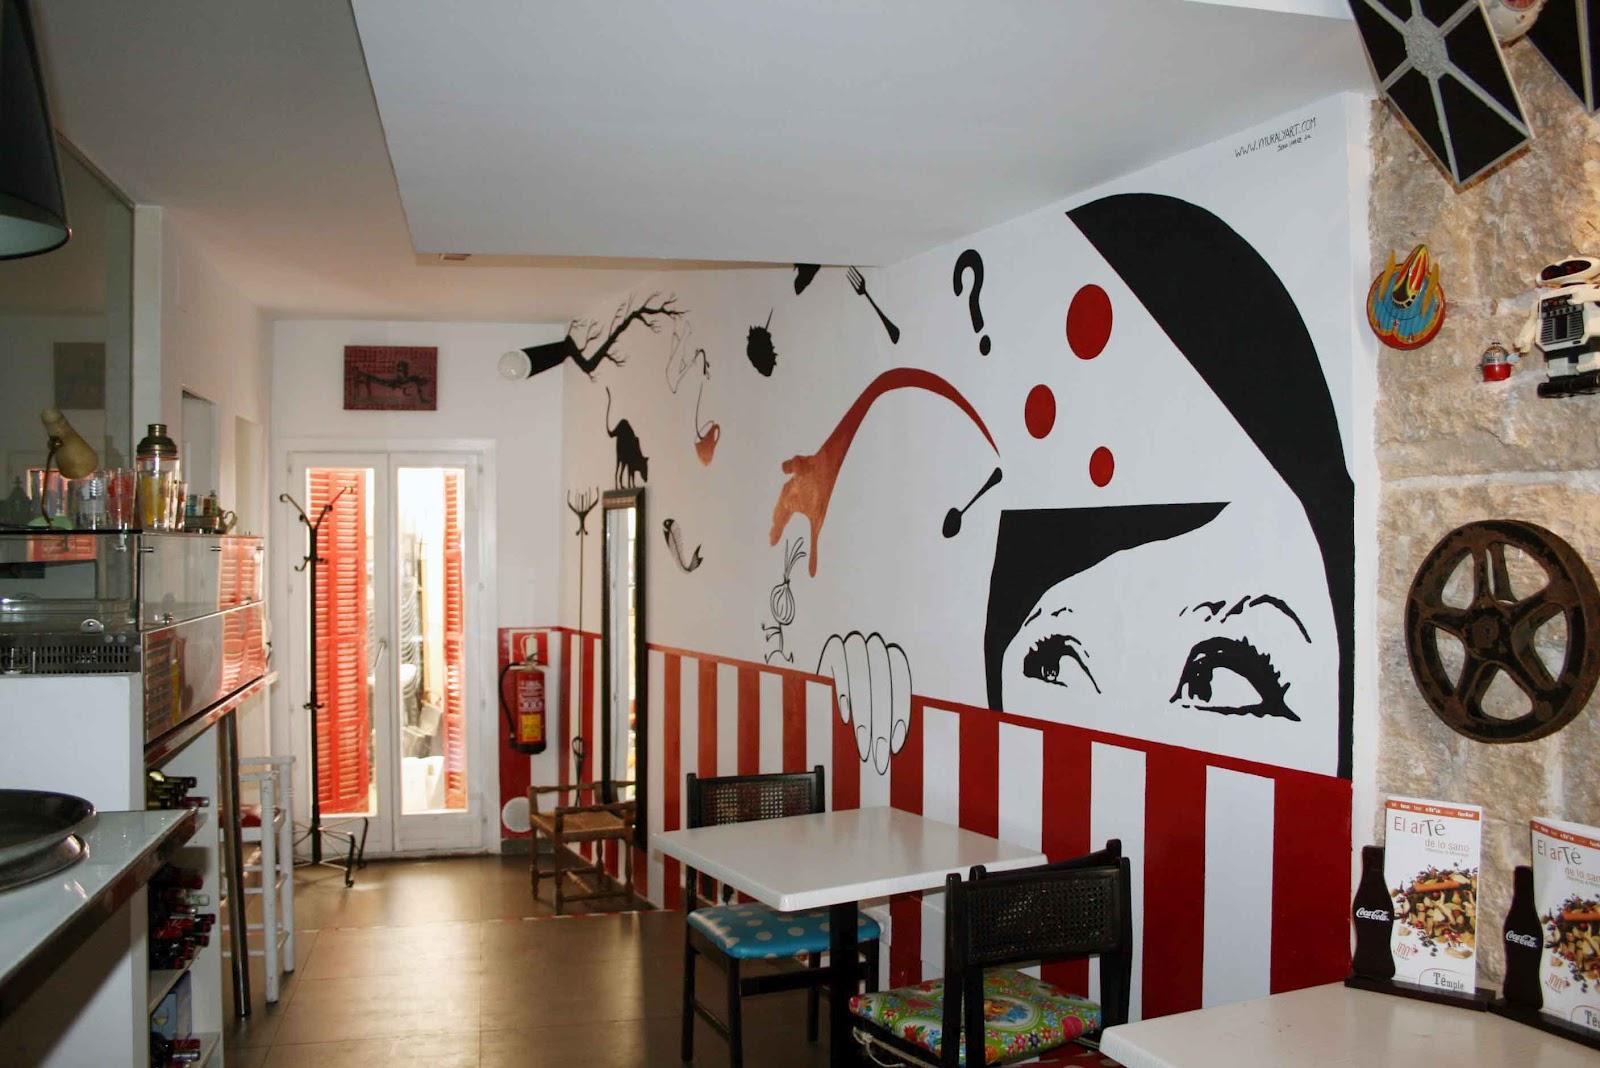 Pintura mural arte en pared y murales decorativos en - Decoracion de interiores de bares ...